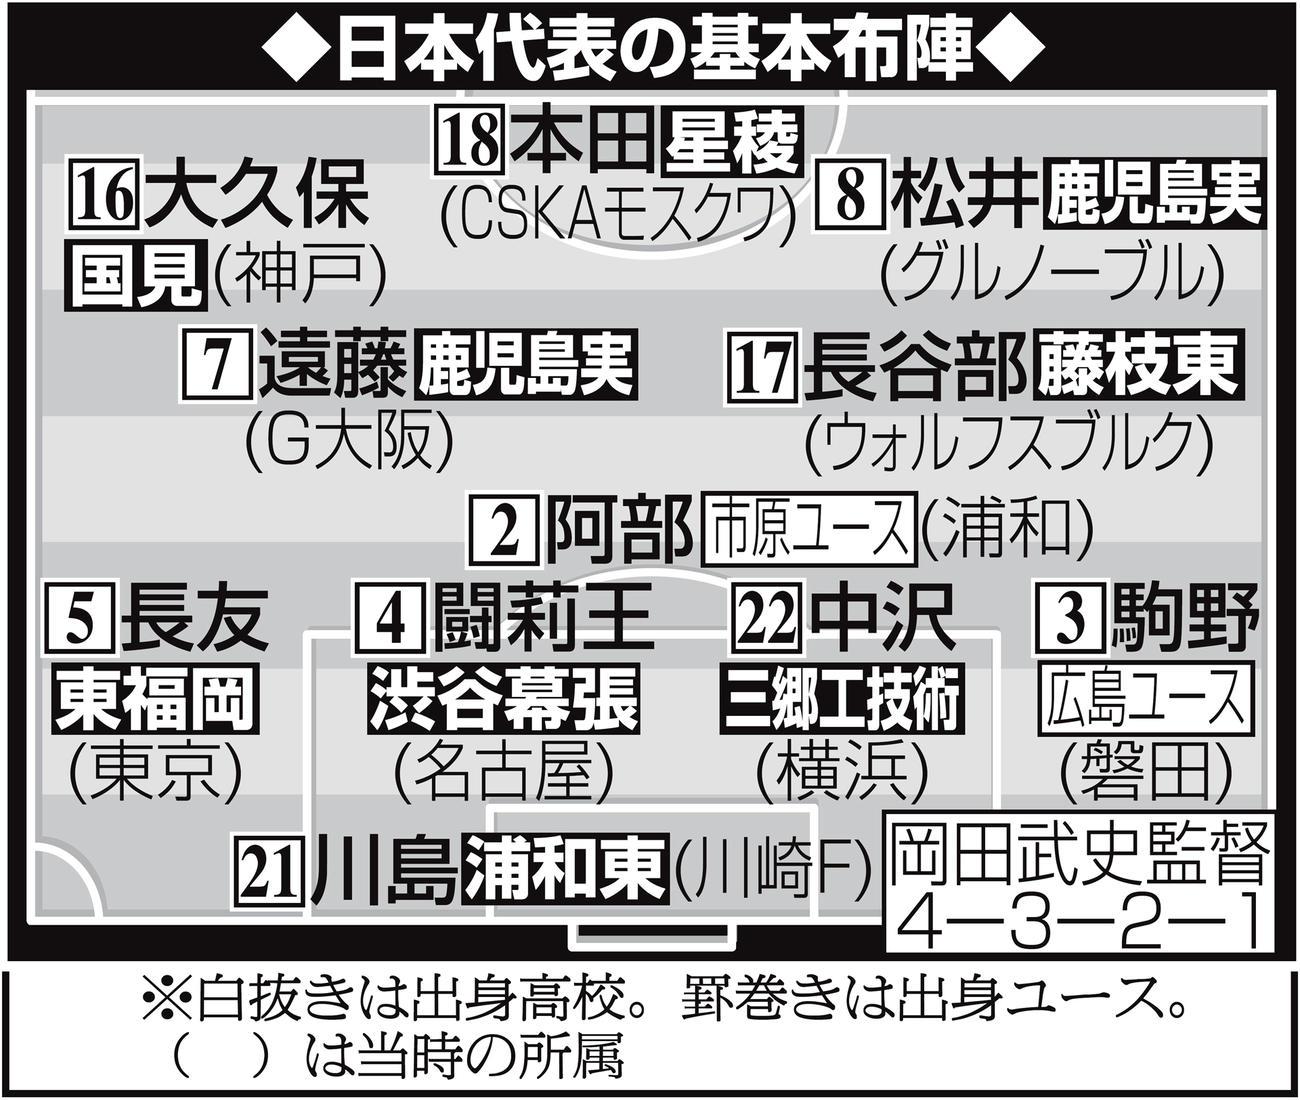 パラグアイ戦での日本代表の基本布陣